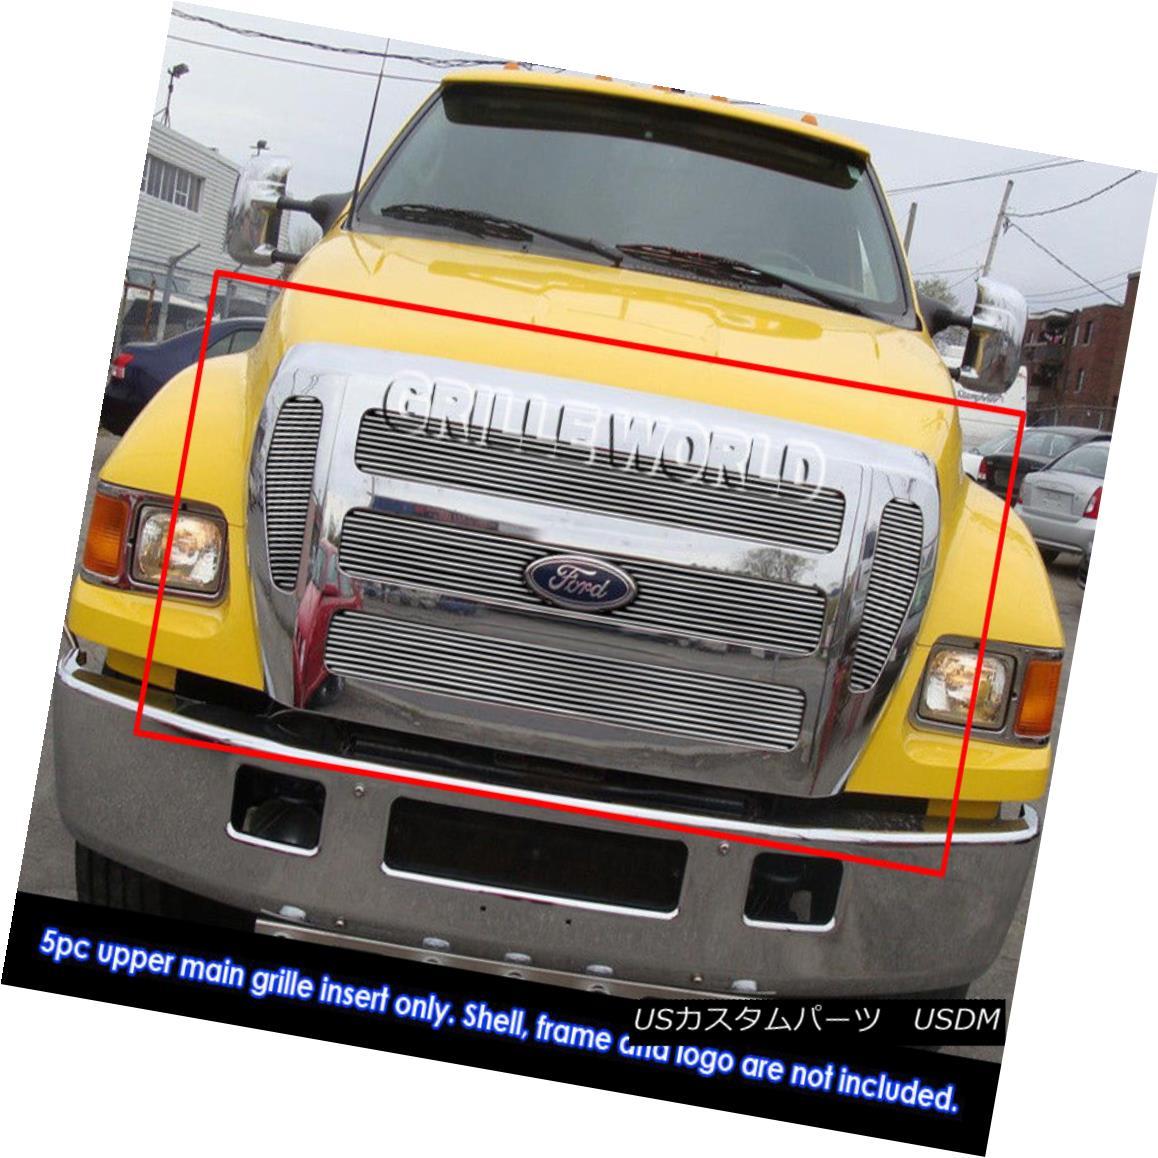 グリル 2004-2015 2013 2014 Ford F-650/F-750 Super Duty Work Truck Billet Grille Grill 2004-2015 2013 2014 Ford F-650 / F-750スーパーデューティーワークトラックビレットグリルグリル